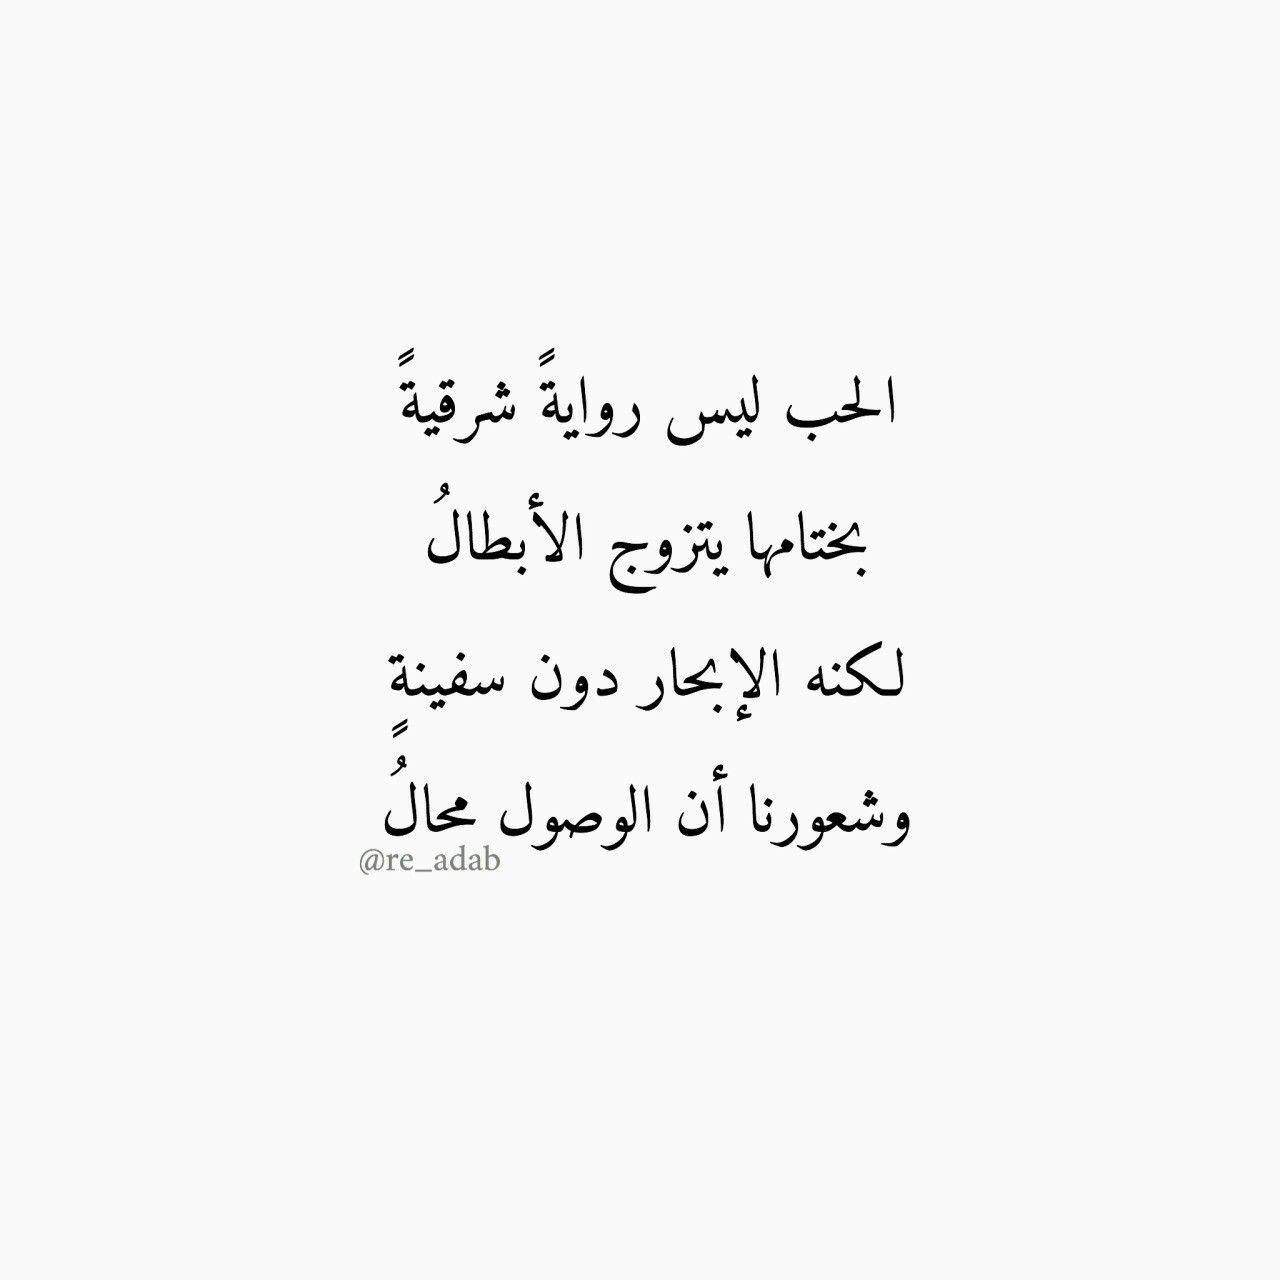 كلماتنا في الحب تقتل حبنا إن الحروف تموت حين تقال نزار قباني True Words Arabic Words Arabic Quotes